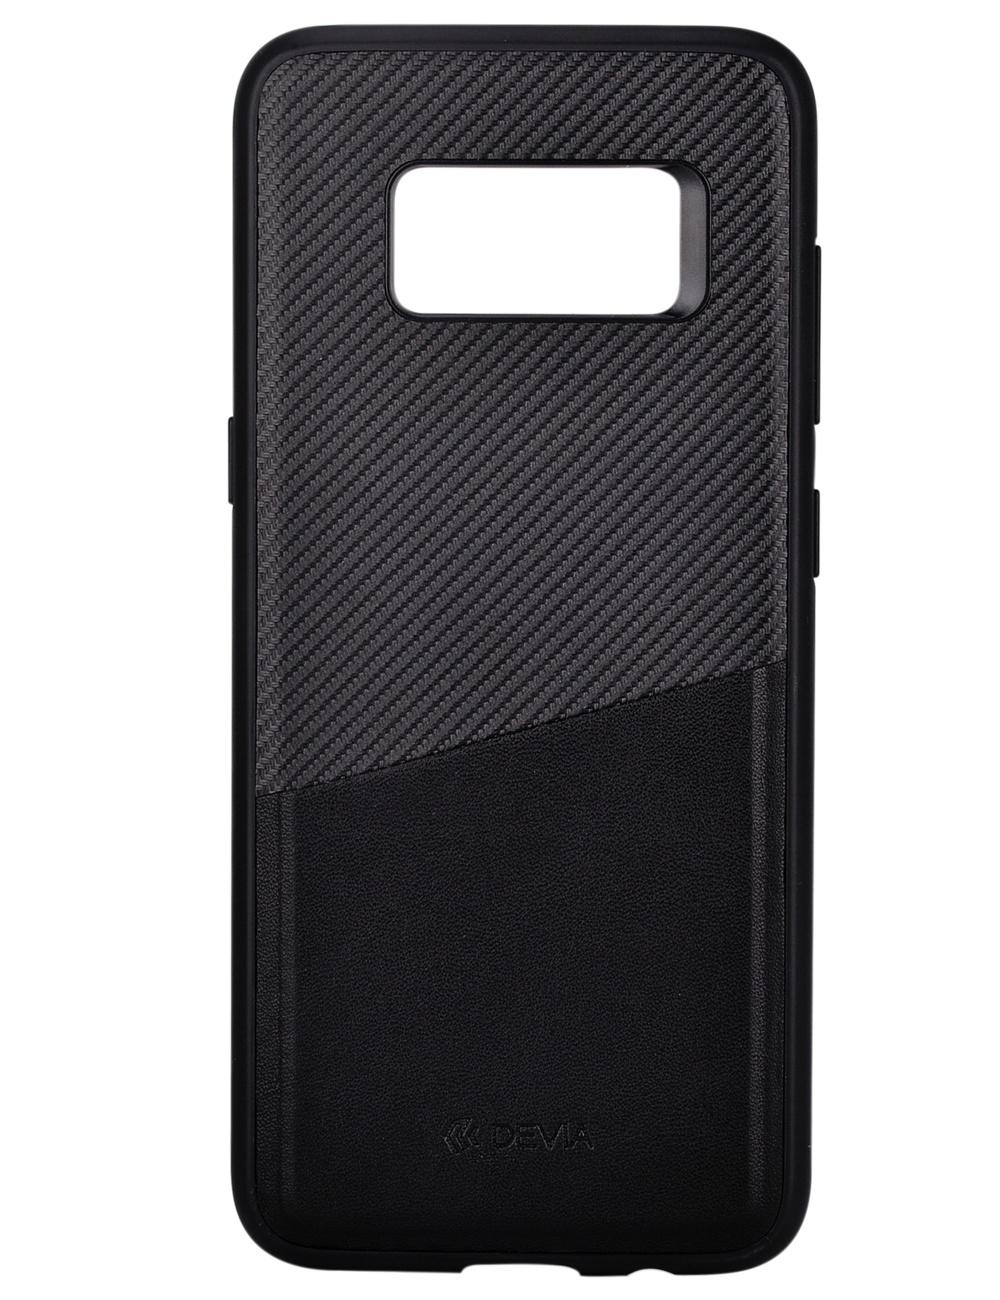 Чехол Devia iWallet Samsung Galaxy S8+ (Черный)